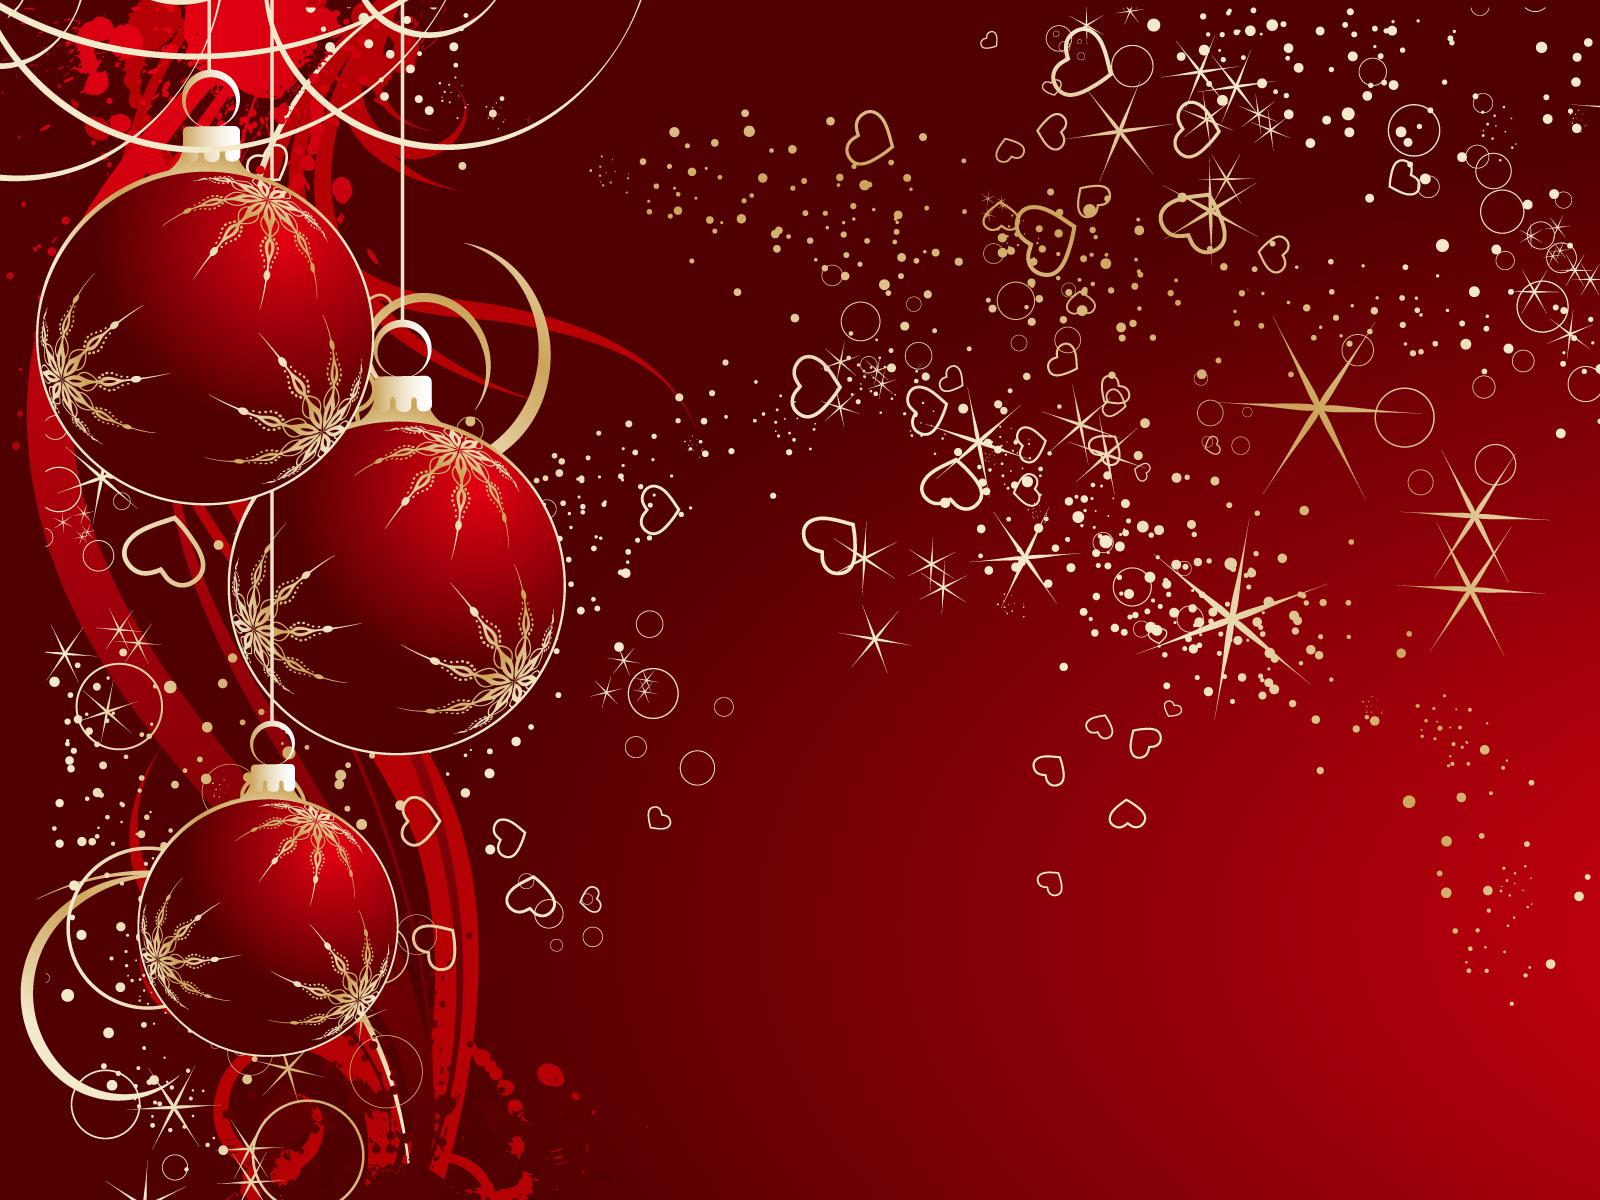 Mooie Kerstkaarten 2014 Kerstwensen En Meer | Share The Knownledge